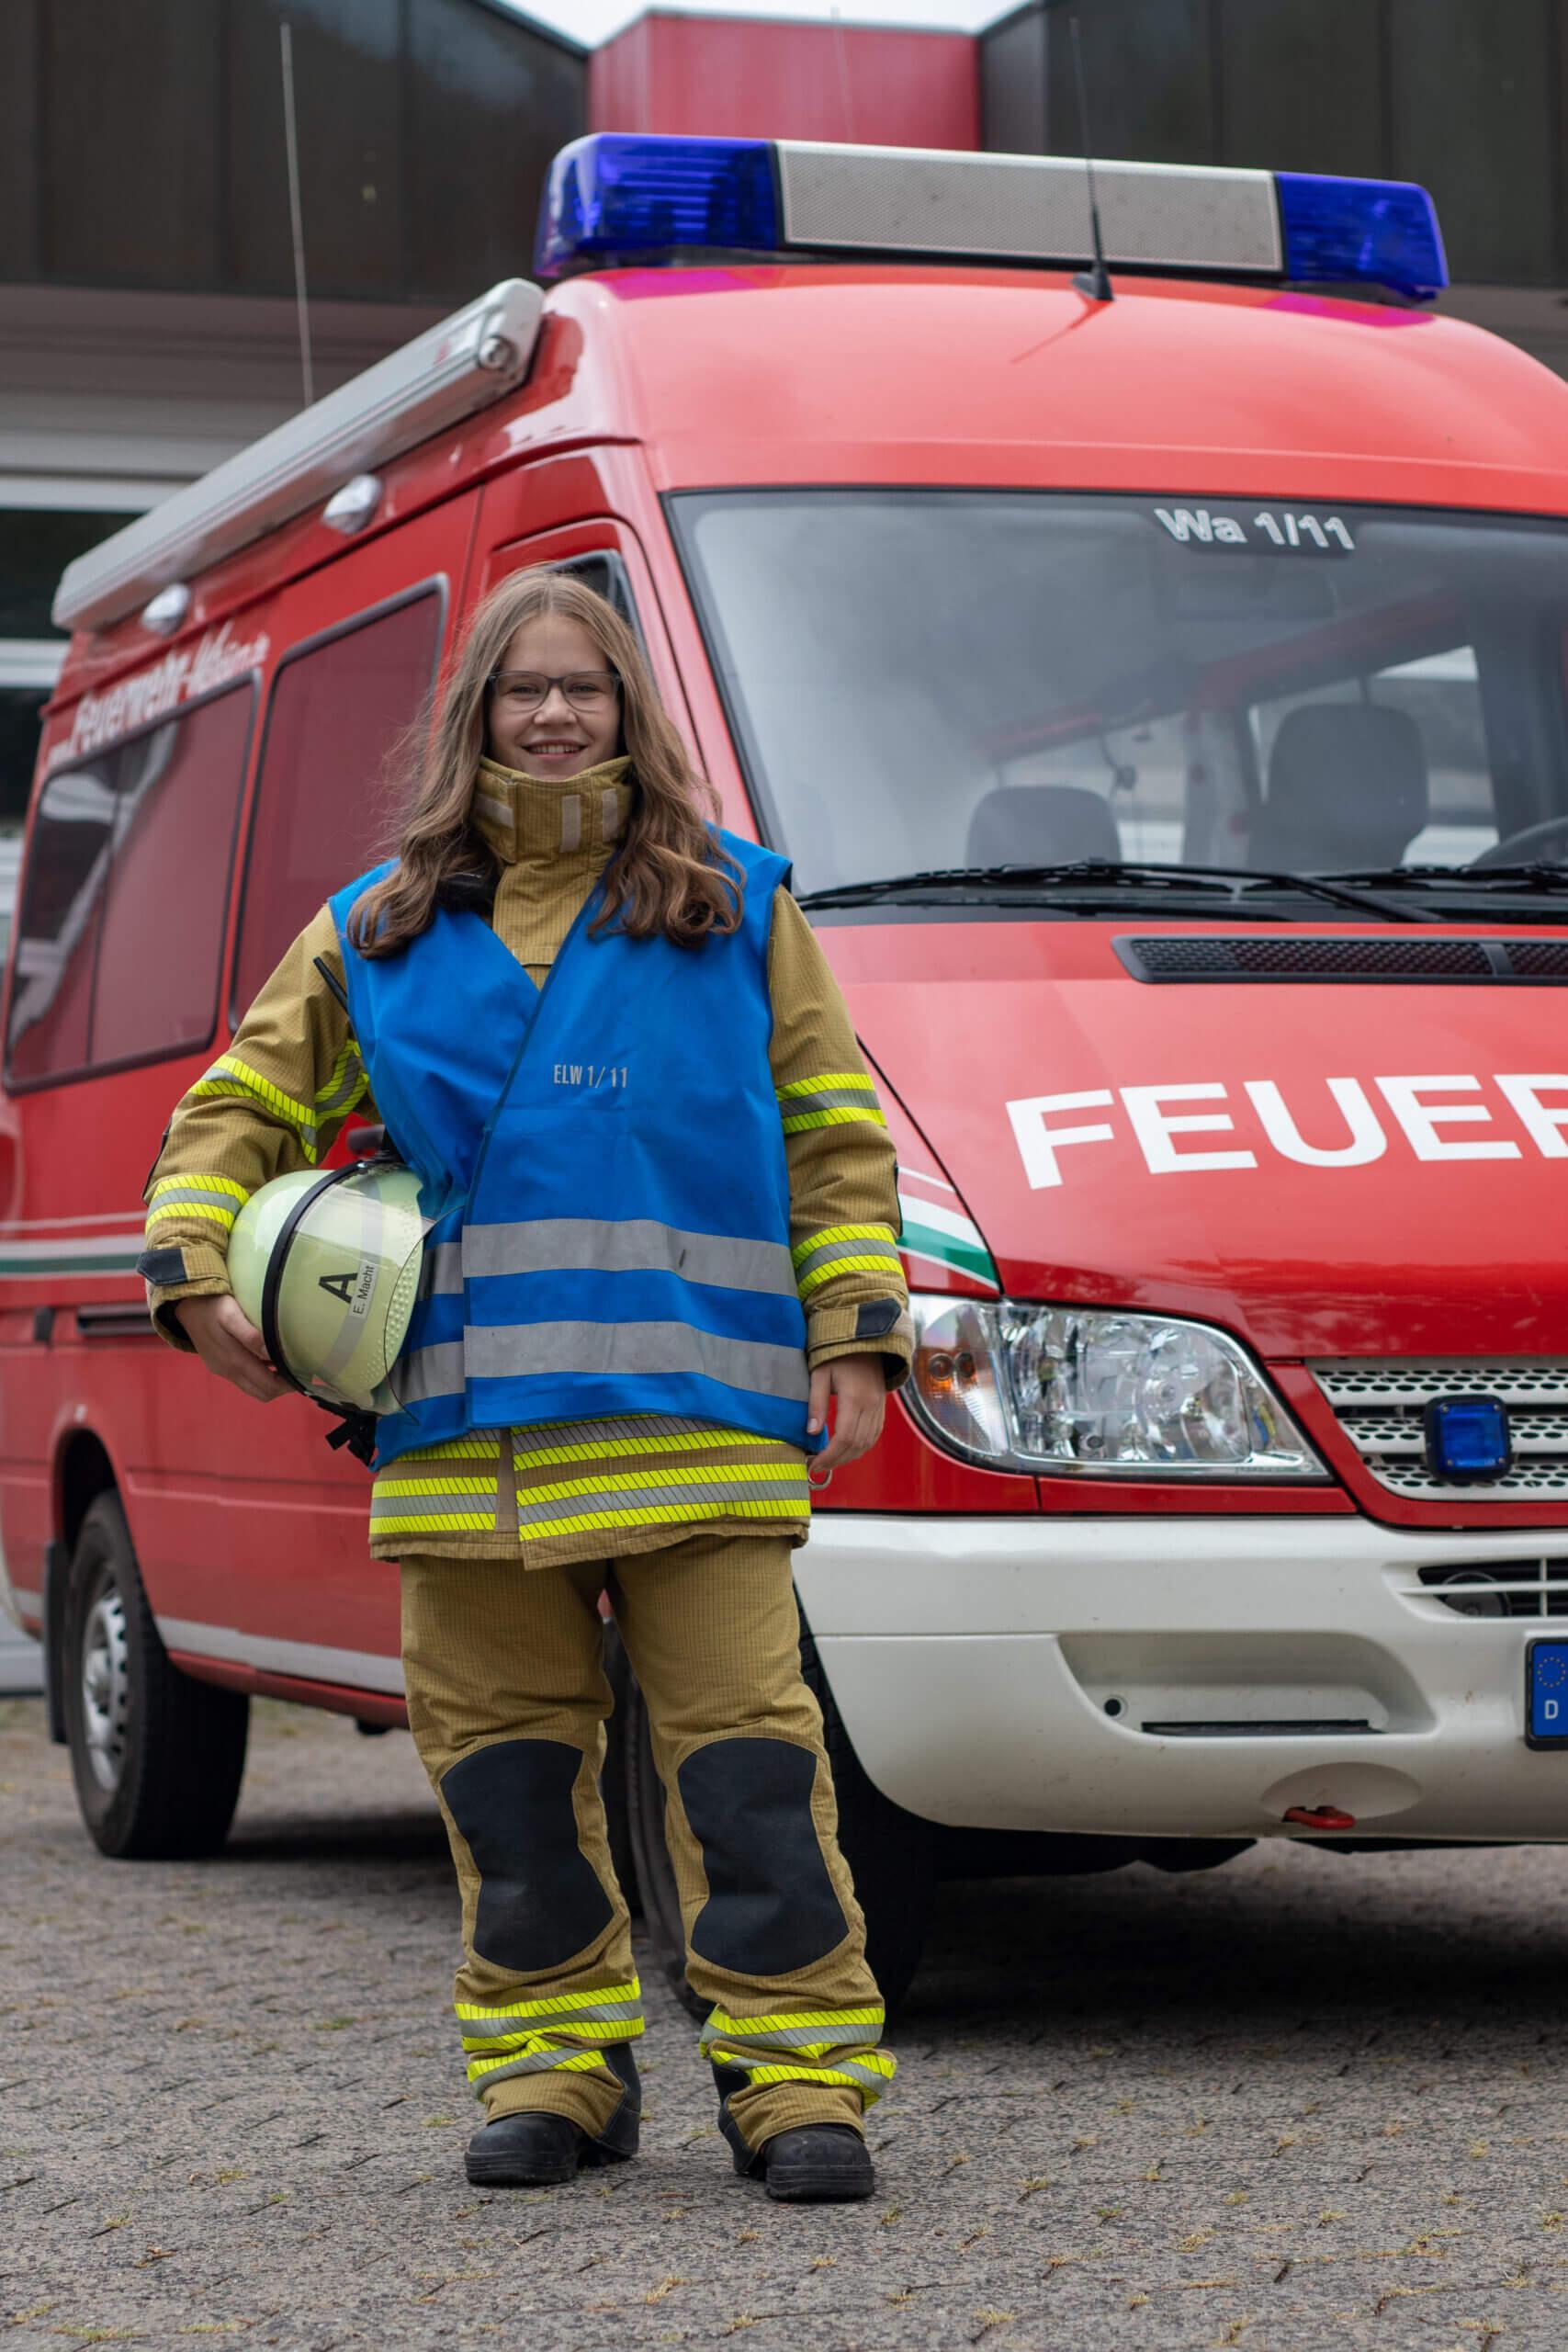 Feuerwehrfrau mit einer blauen Funktionswesten vor dem Einsatzleitwagen.